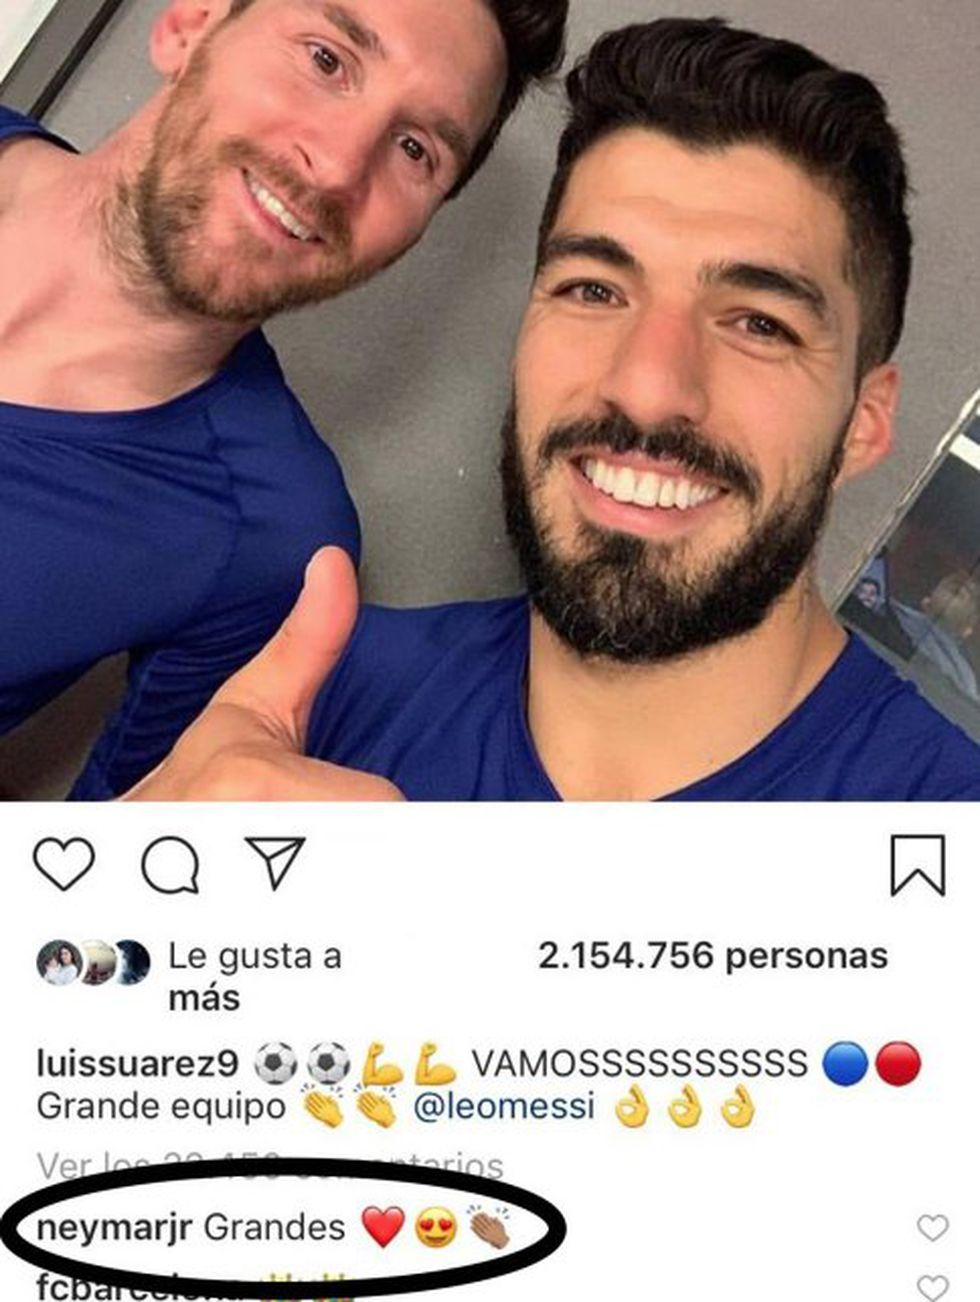 El comentario de Neymar en la publicación de Luis Suárez. (Foto: captura de Instagram)